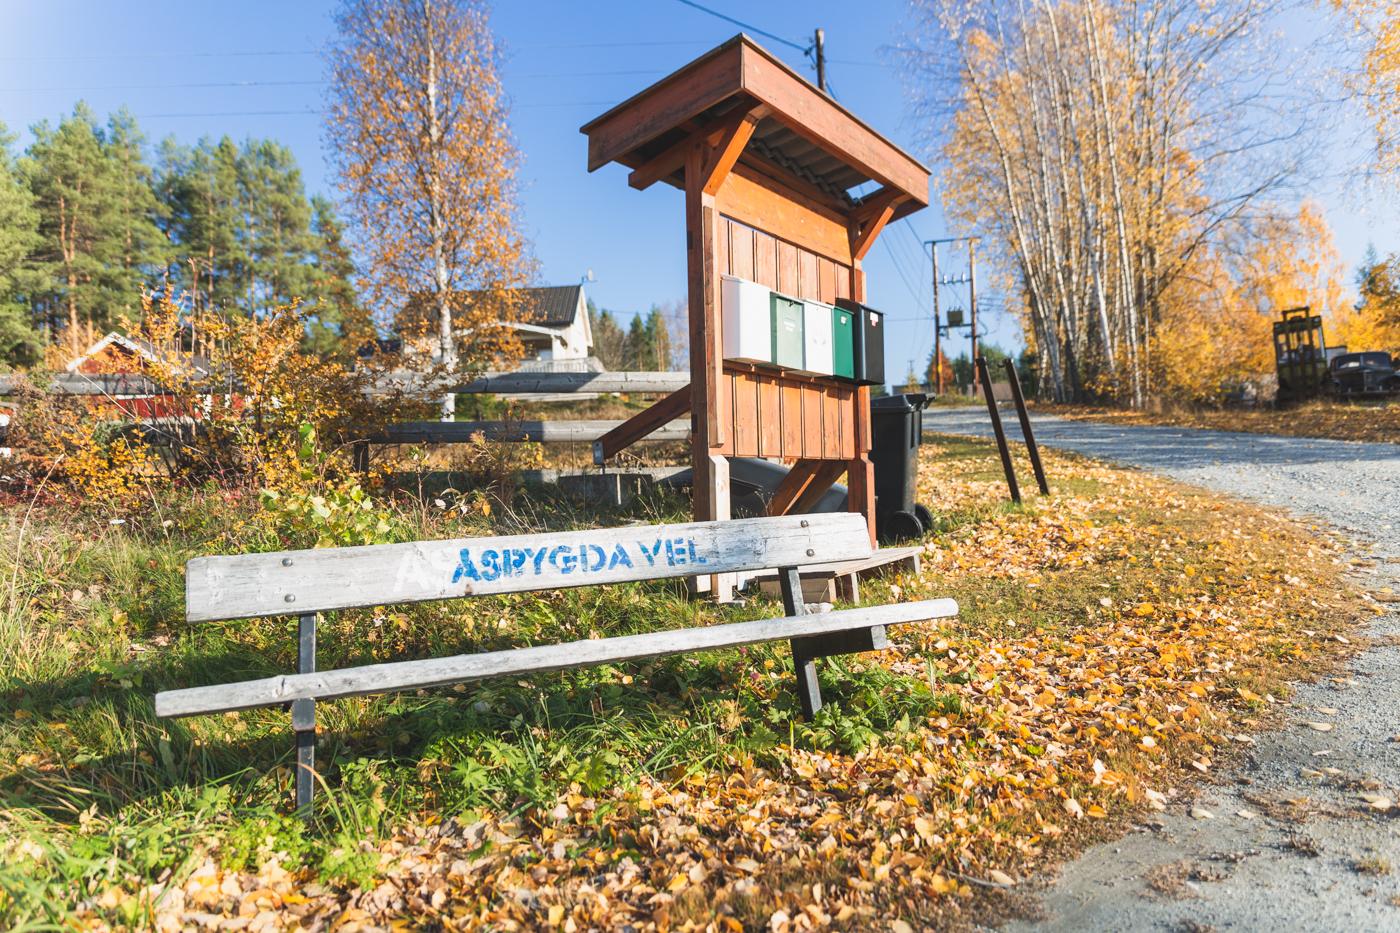 Åsbygda - Stange kommune